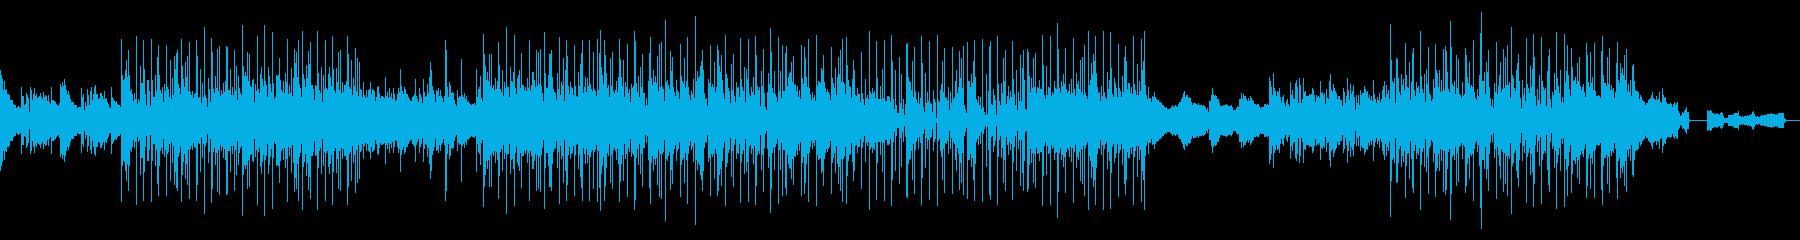 おしゃれなBGMですの再生済みの波形